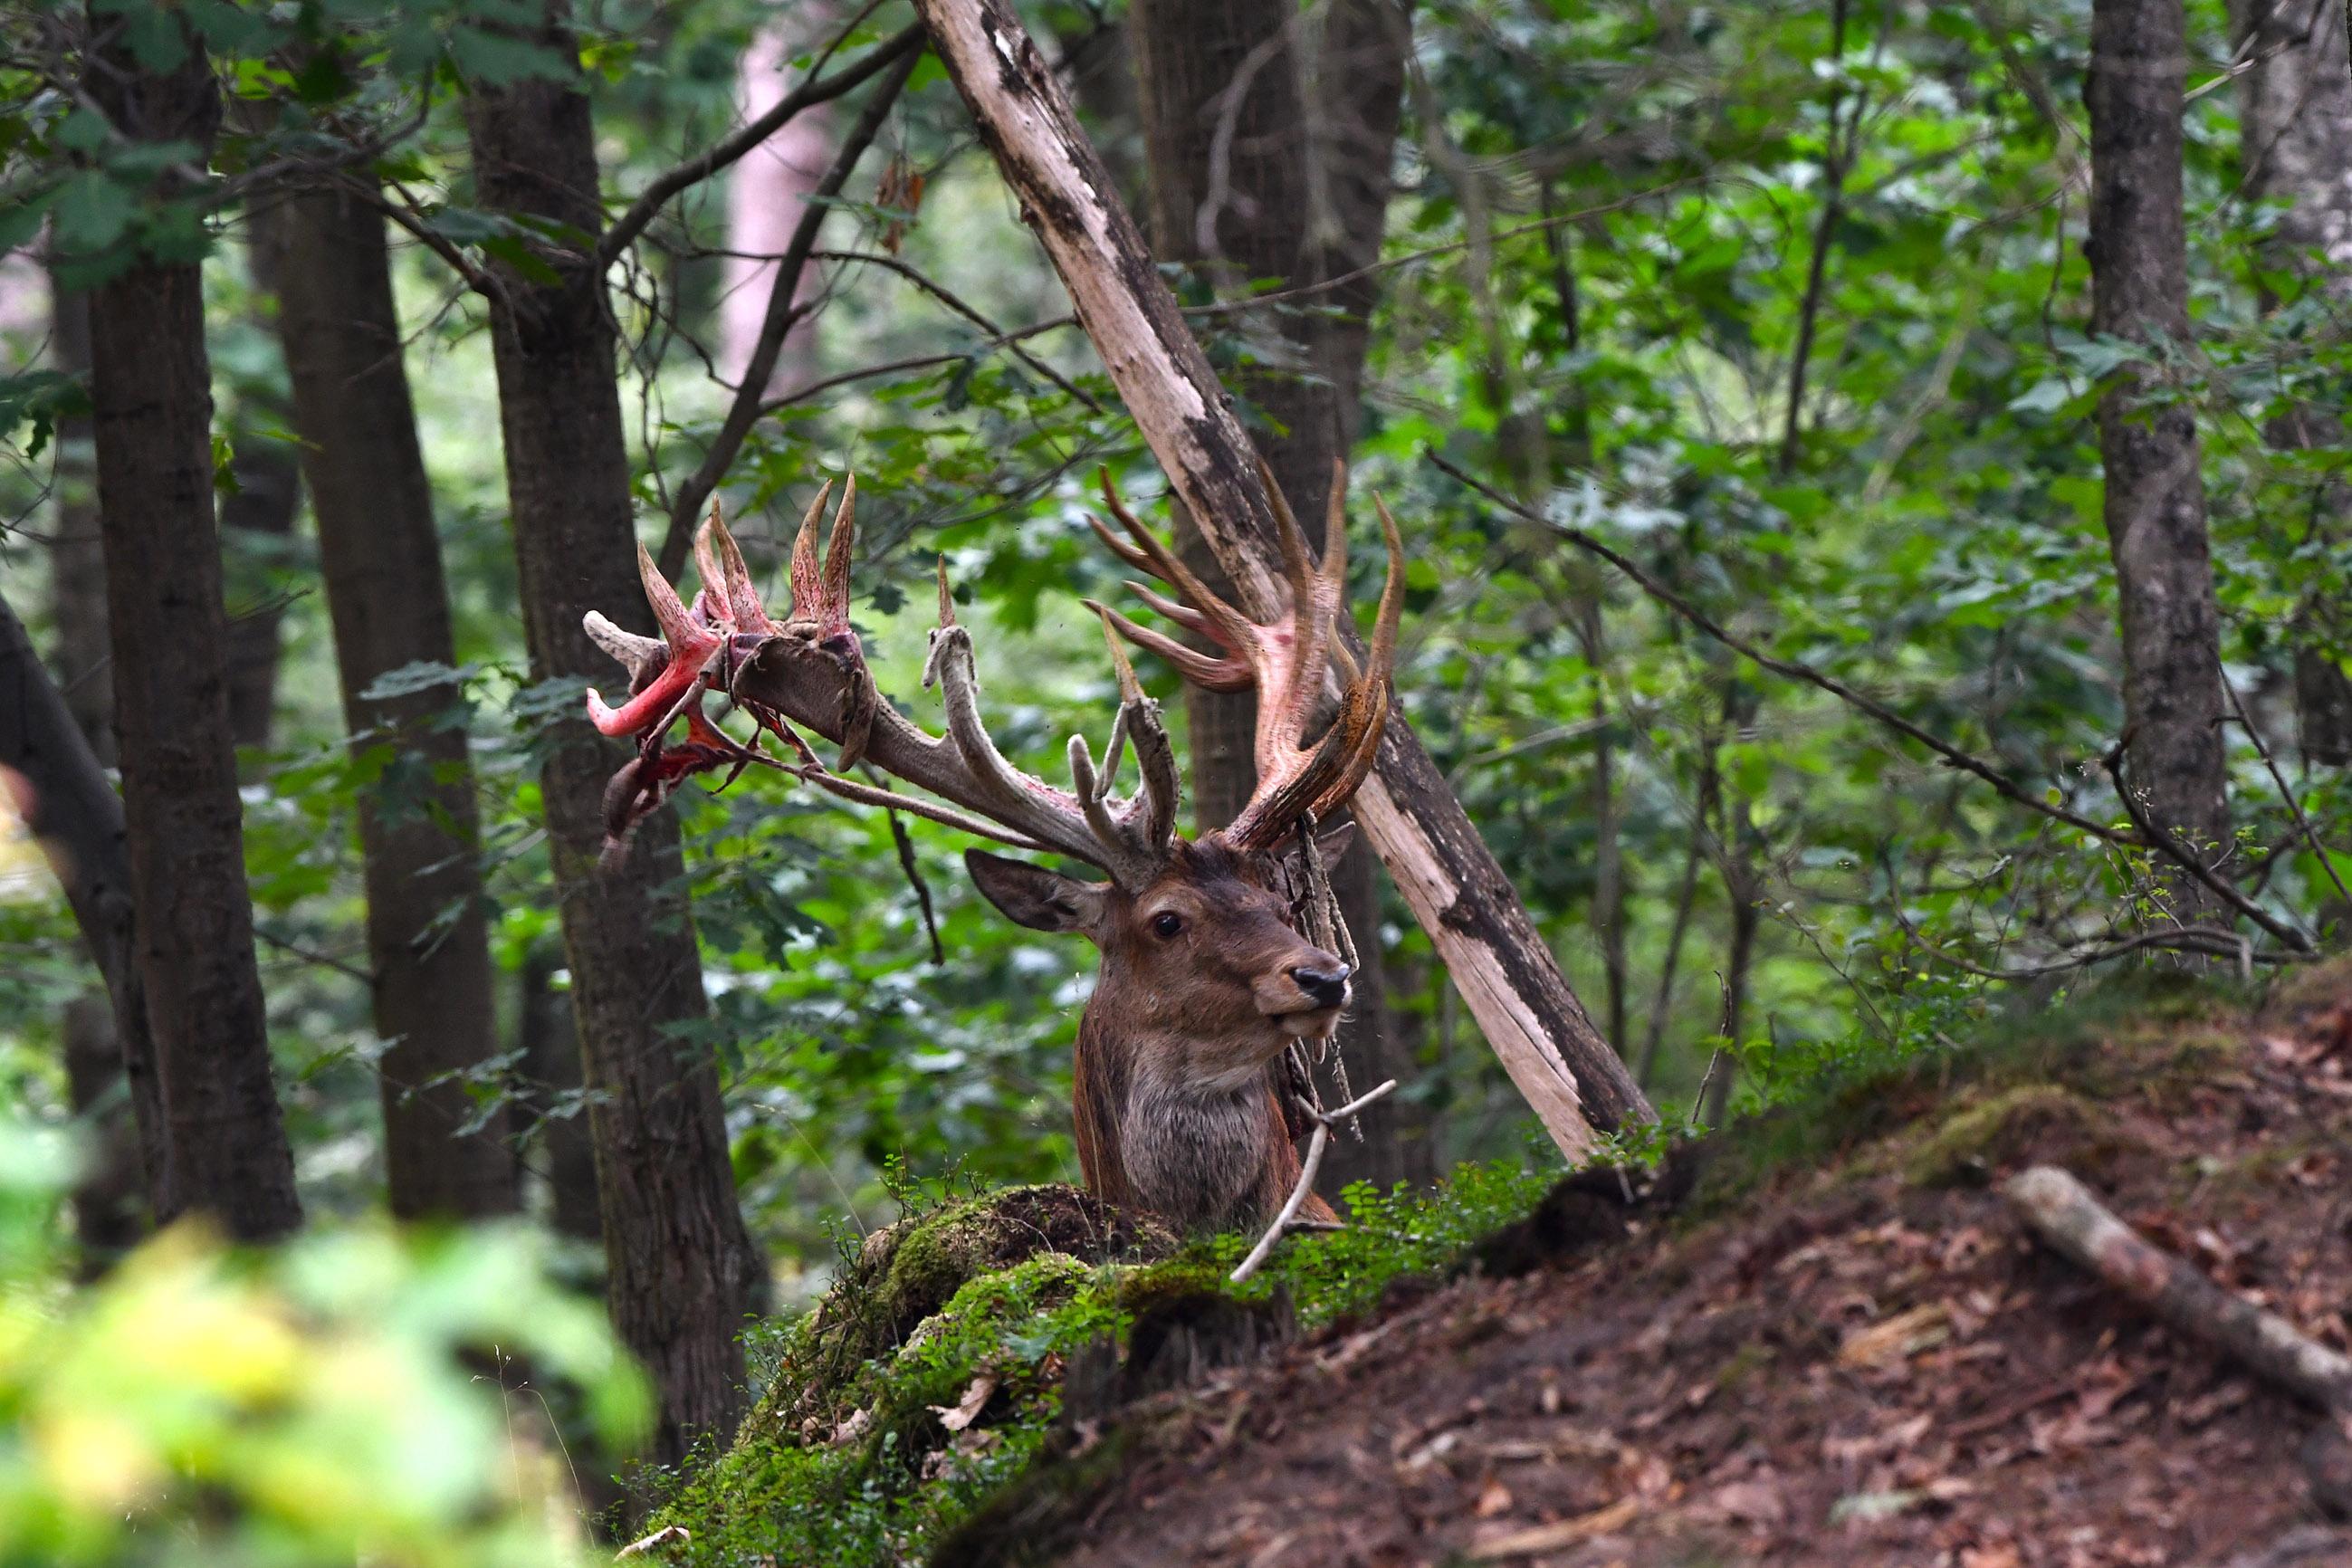 Zo troffen wij Hubertus aan op de heuvel in het bos – Foto: ©Louis Fraanje